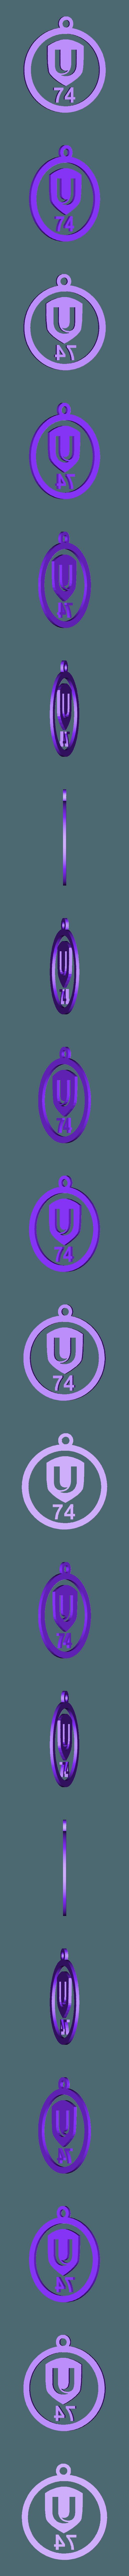 Top_74.stl Télécharger fichier STL gratuit Porte-clés Unifor Local 74 • Objet imprimable en 3D, snagman